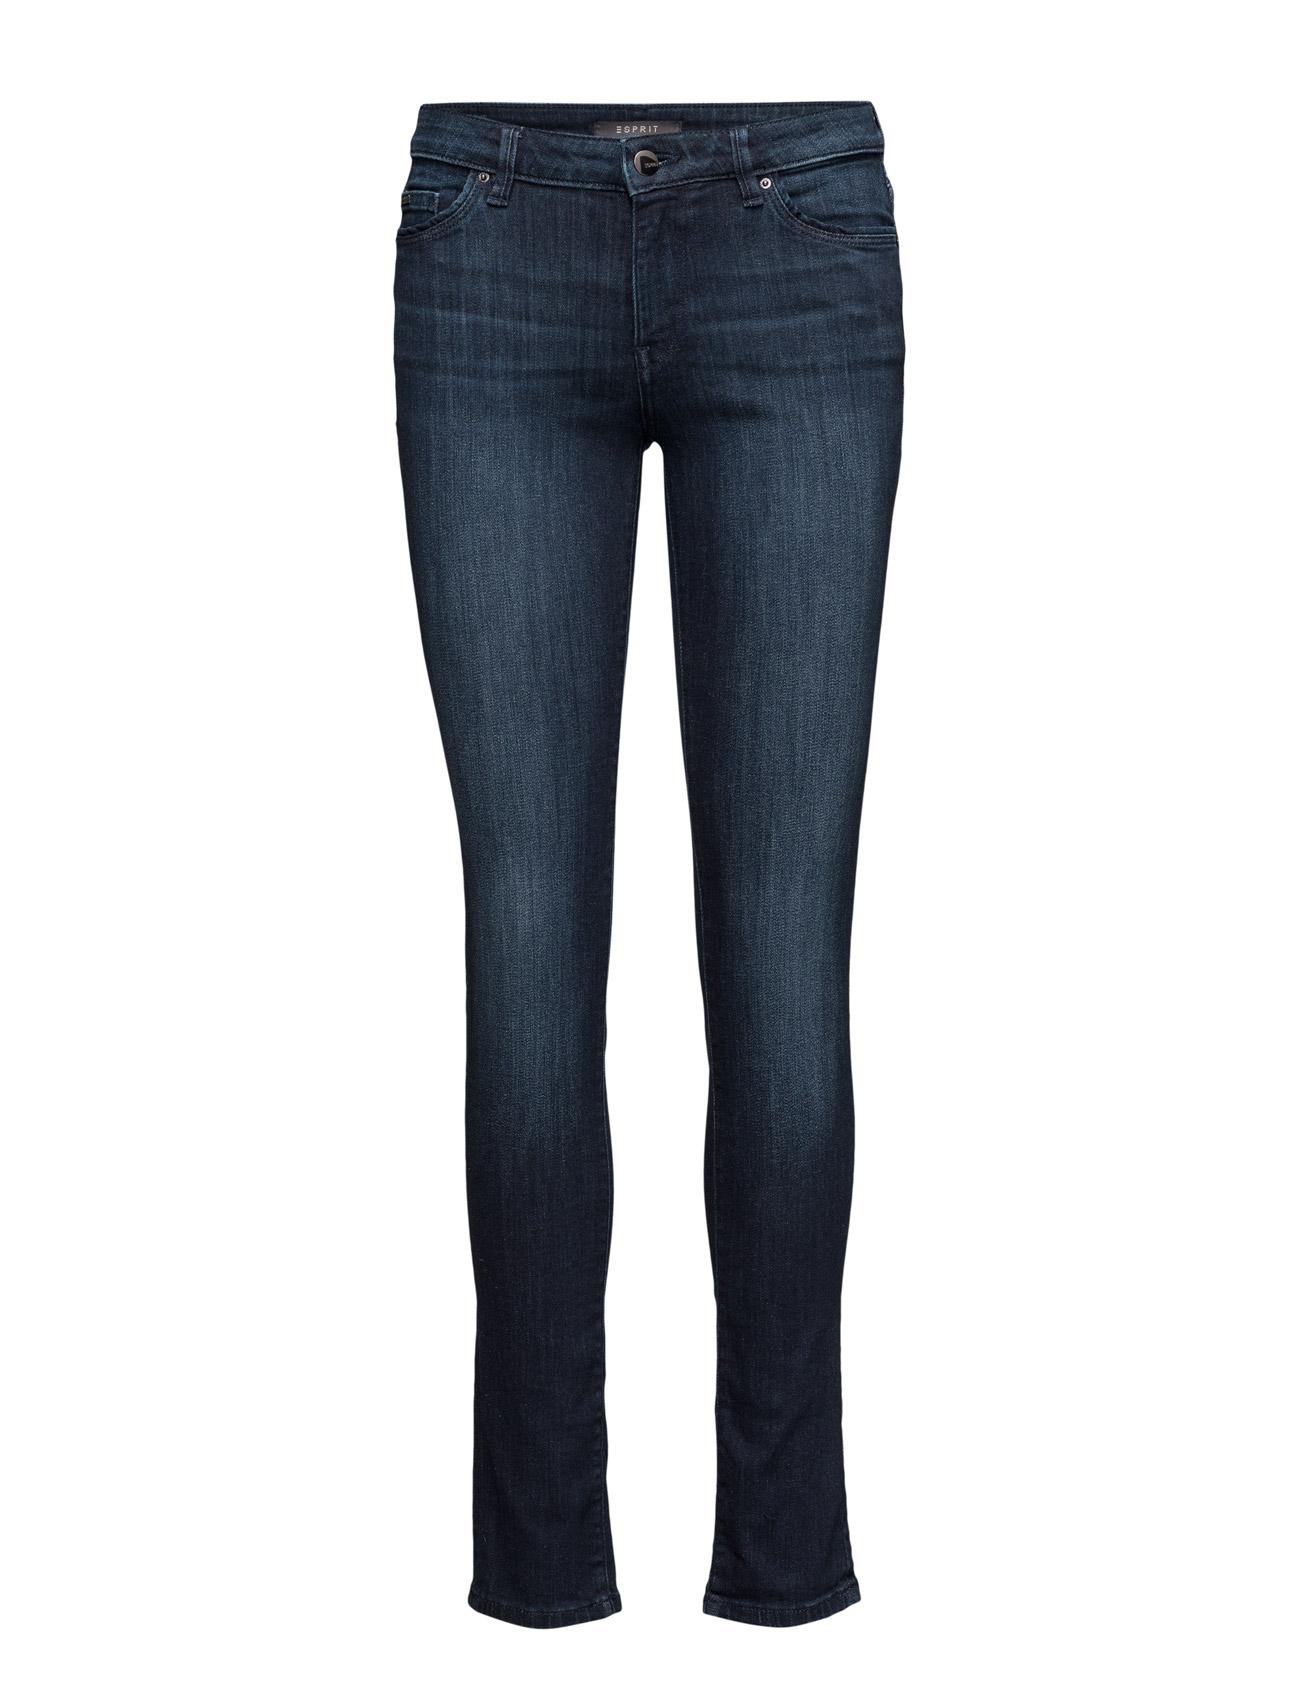 Pants Denim Esprit Collection Skinny til Damer i